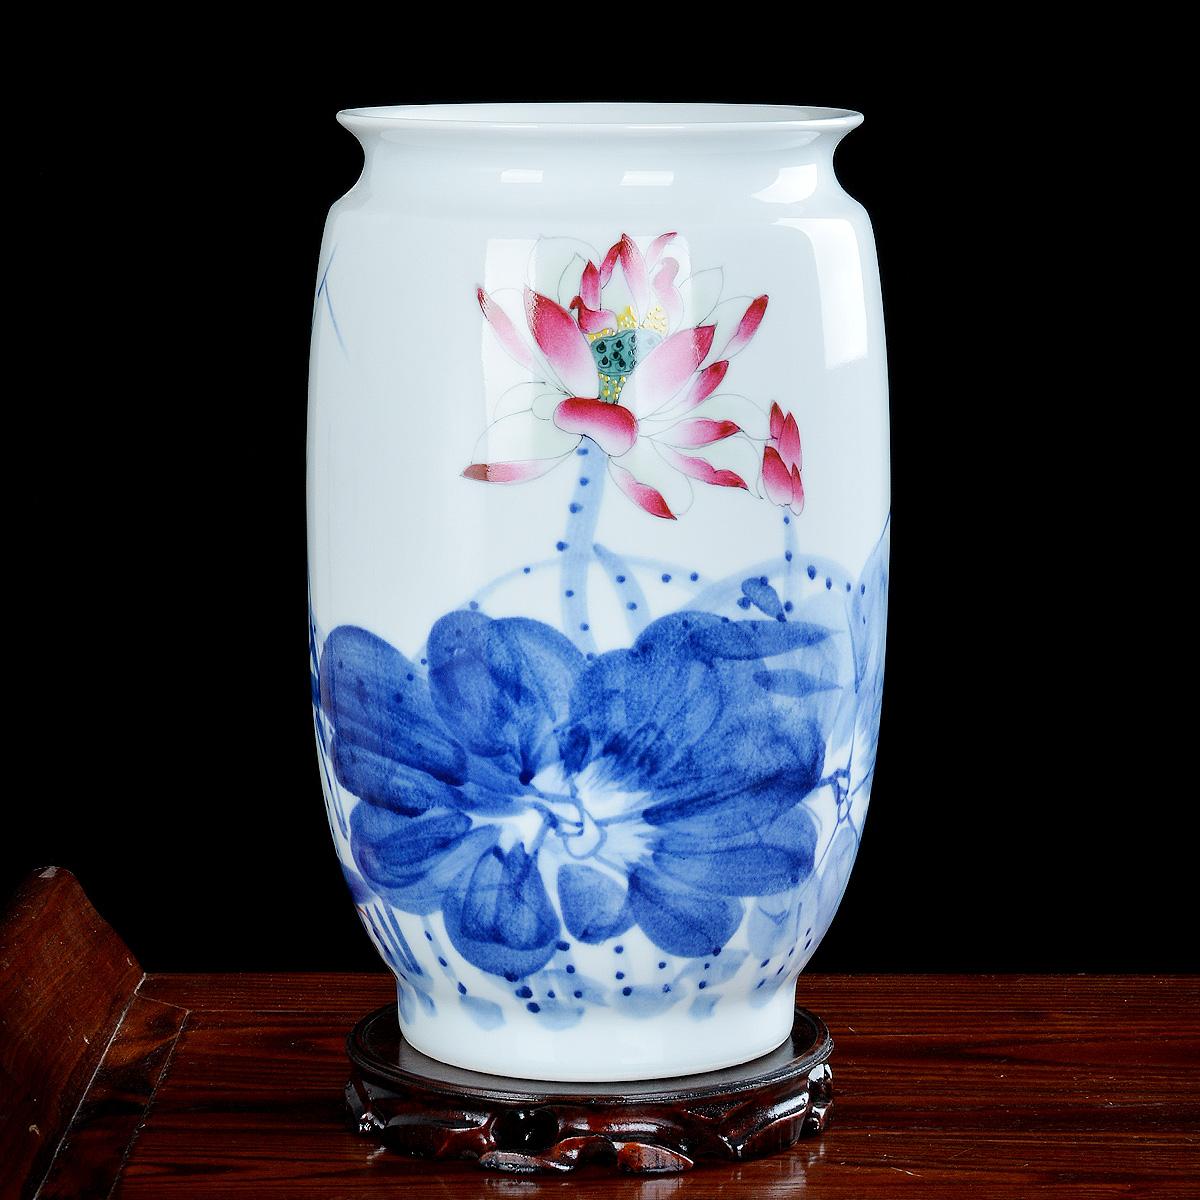 石榴瓶(高度29厘米寬度26)景德鎮陶瓷花瓶 純手繪青花瓷器中式家居裝飾客廳工藝品擺件擺設